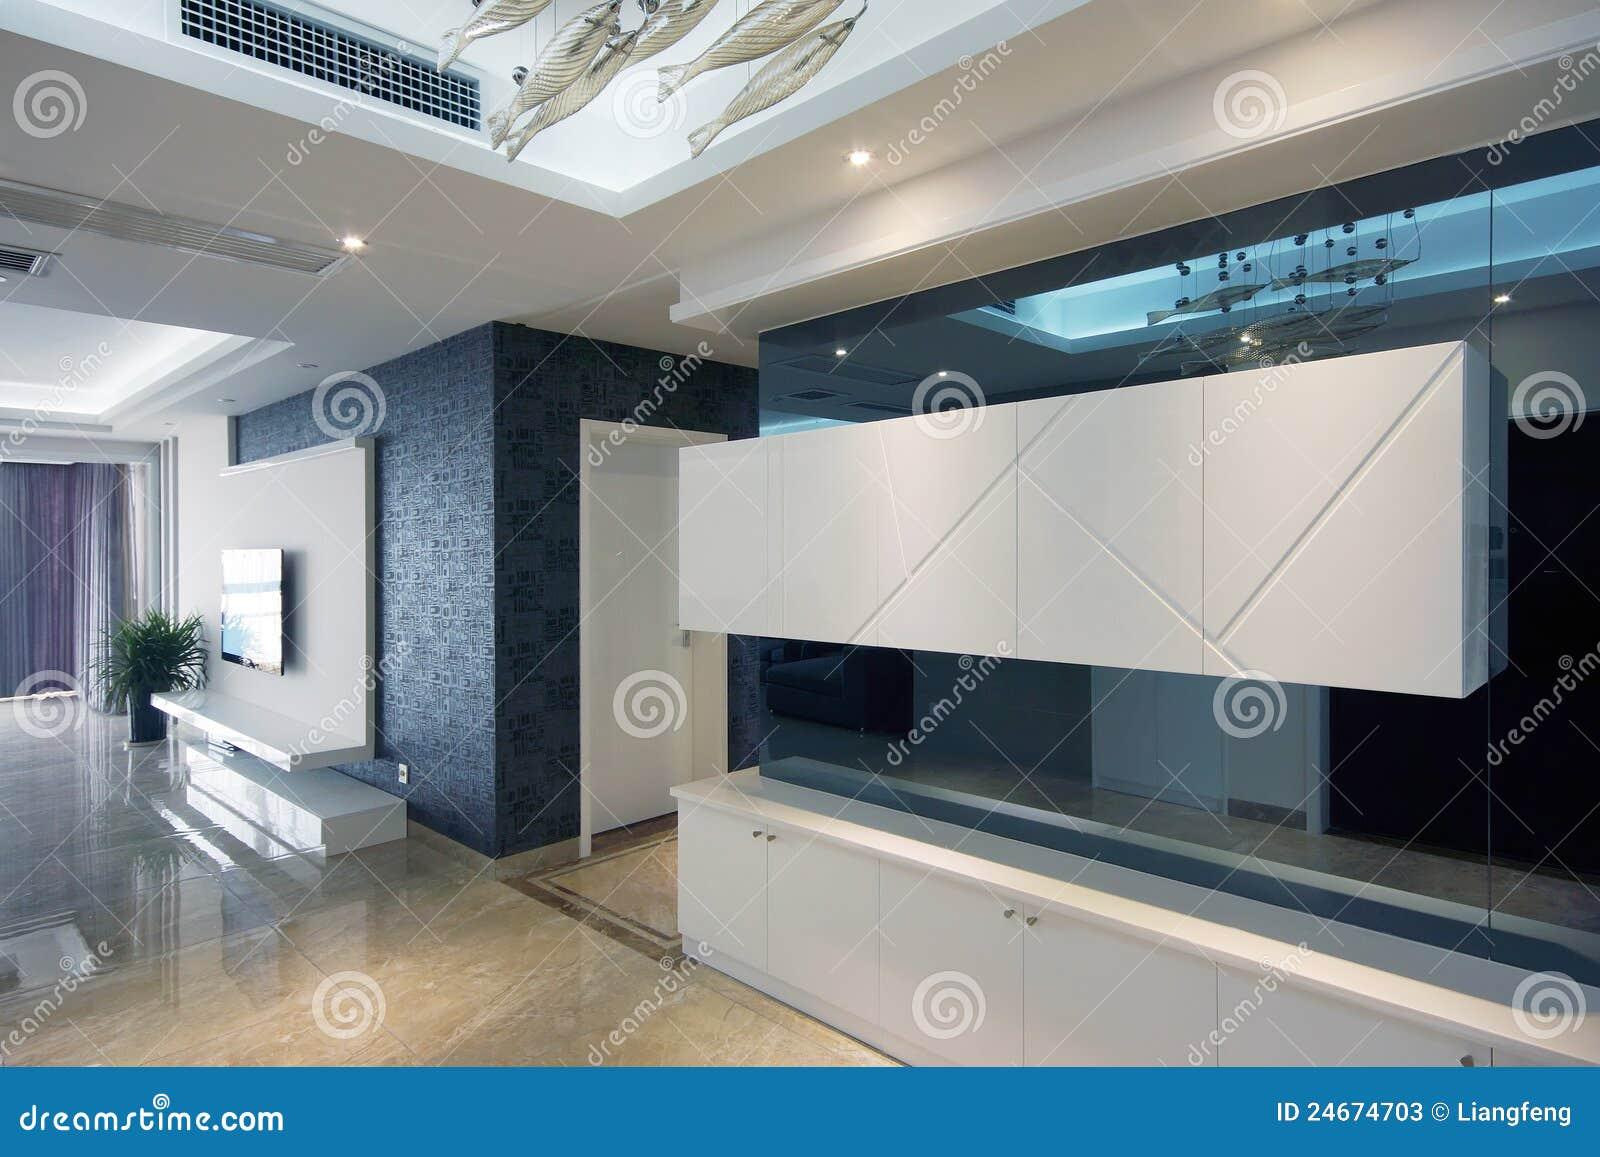 Beautiful Home Decor Stock Photos Image 24674703